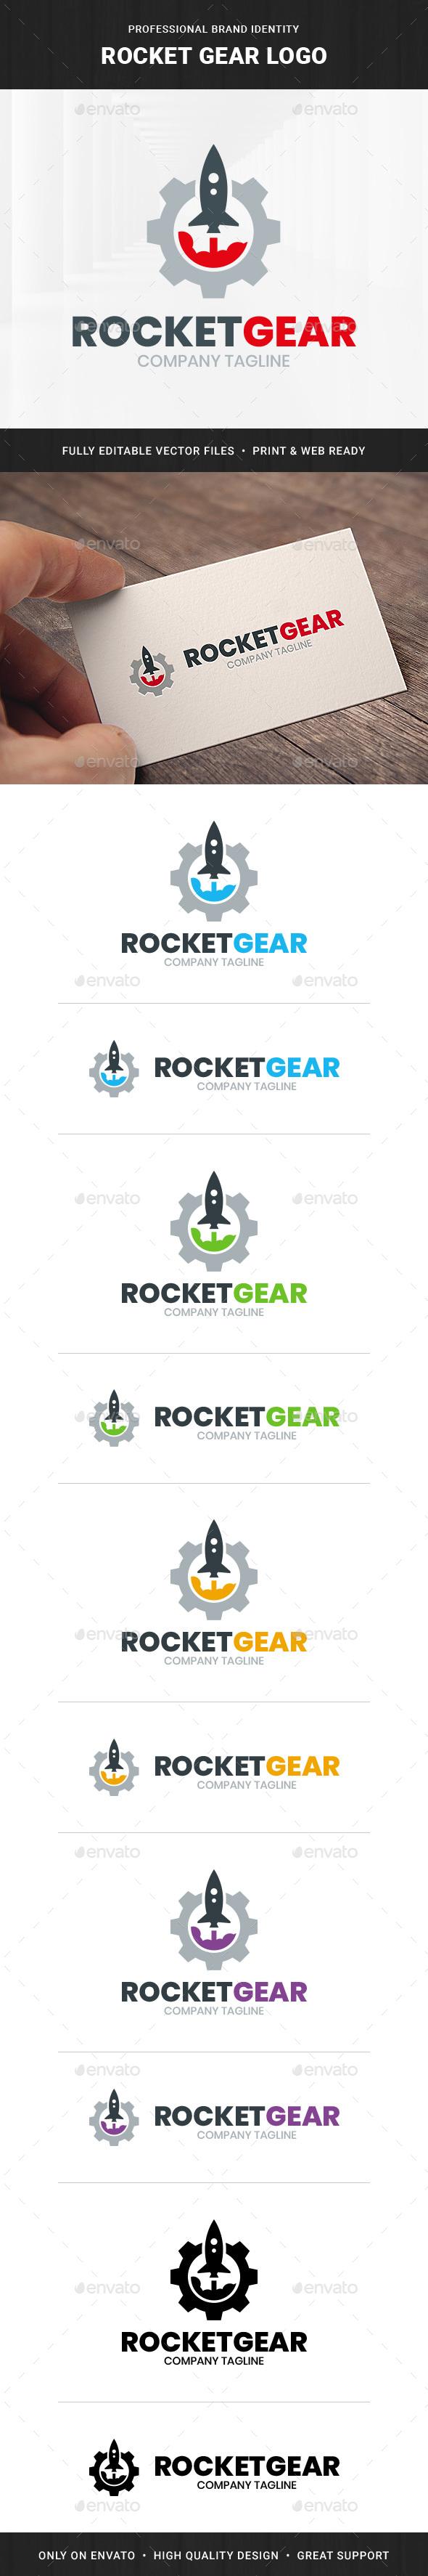 Rocket Gear Logo Template v2